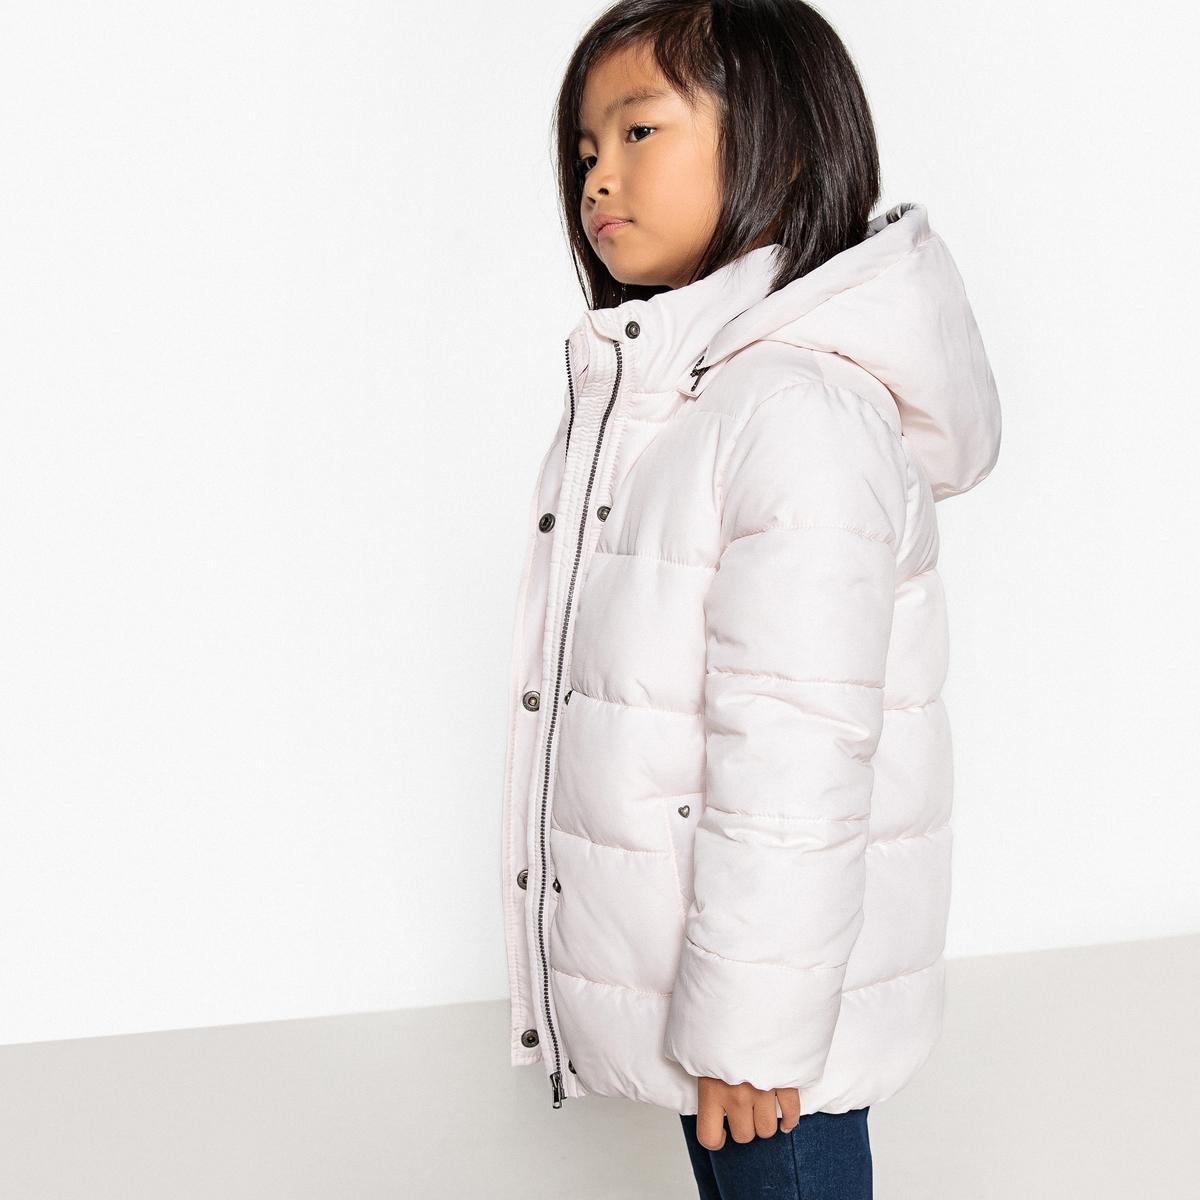 Куртка стеганая с капюшоном 3-12 летДетали •  Зимняя модель •  Непромокаемая •  Застежка на молнию •  С капюшоном •  Длина  : средняяСостав и уход •  100% полиэстер •  Температура стирки 30° •  Не гладить / не отбеливать   •  Не использовать барабанную сушку • Сухая чистка запрещена<br><br>Цвет: светло-розовый,синий морской<br>Размер: 4 года - 102 см.12 лет -150 см.10 лет - 138 см.8 лет - 126 см.6 лет - 114 см.5 лет - 108 см.3 года - 94 см.6 лет - 114 см.10 лет - 138 см.8 лет - 126 см